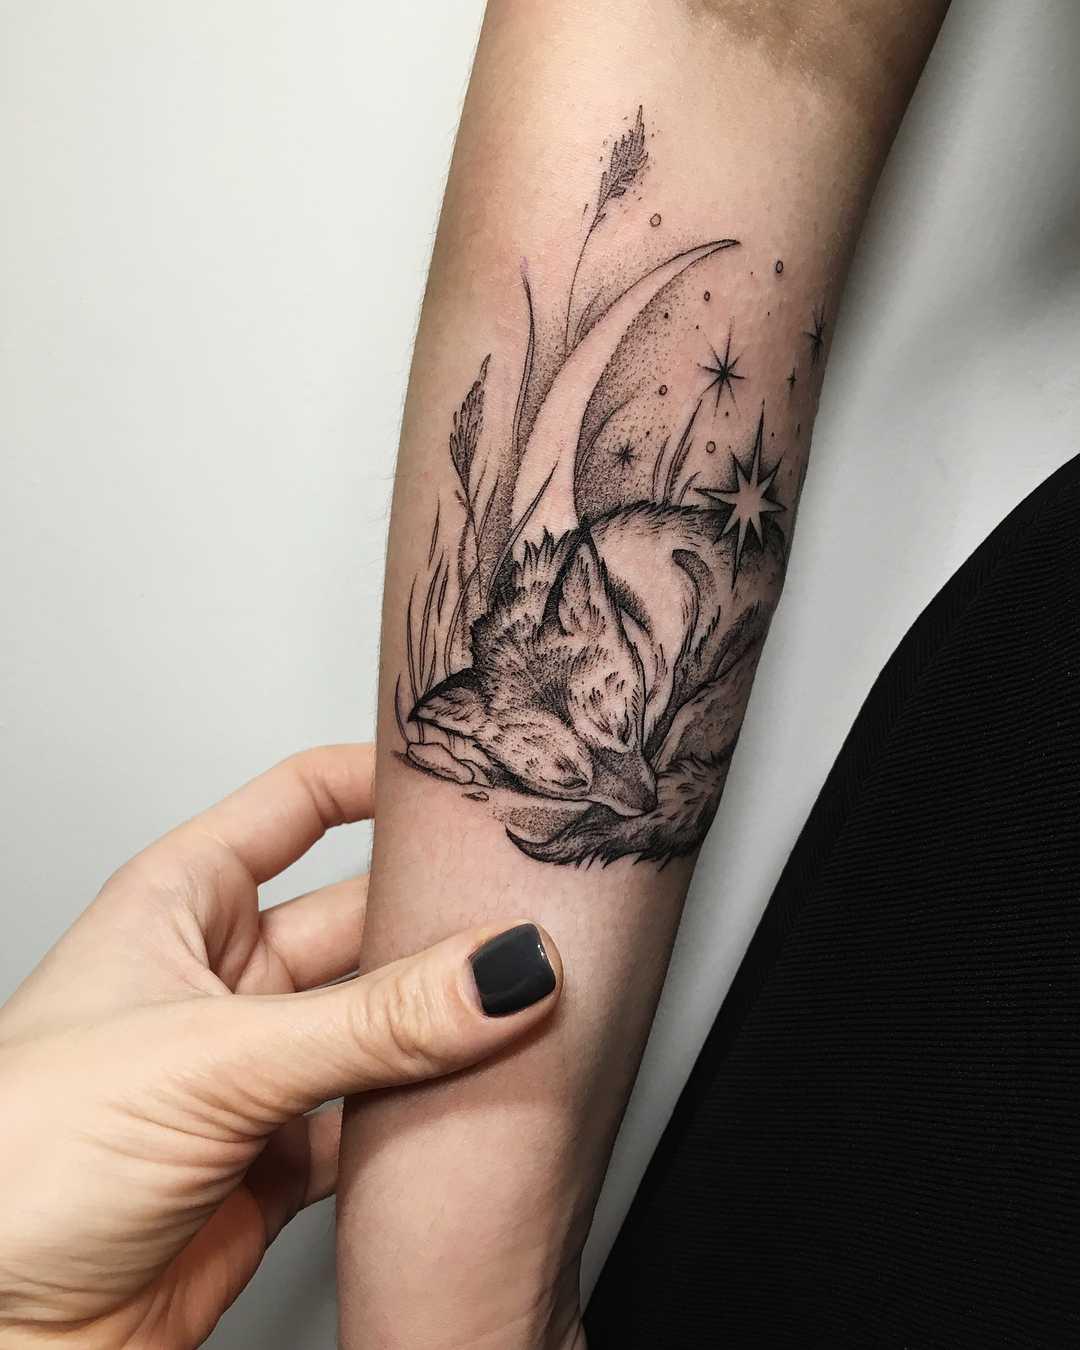 Sleeping fox tattoo by Sasha Tattooing